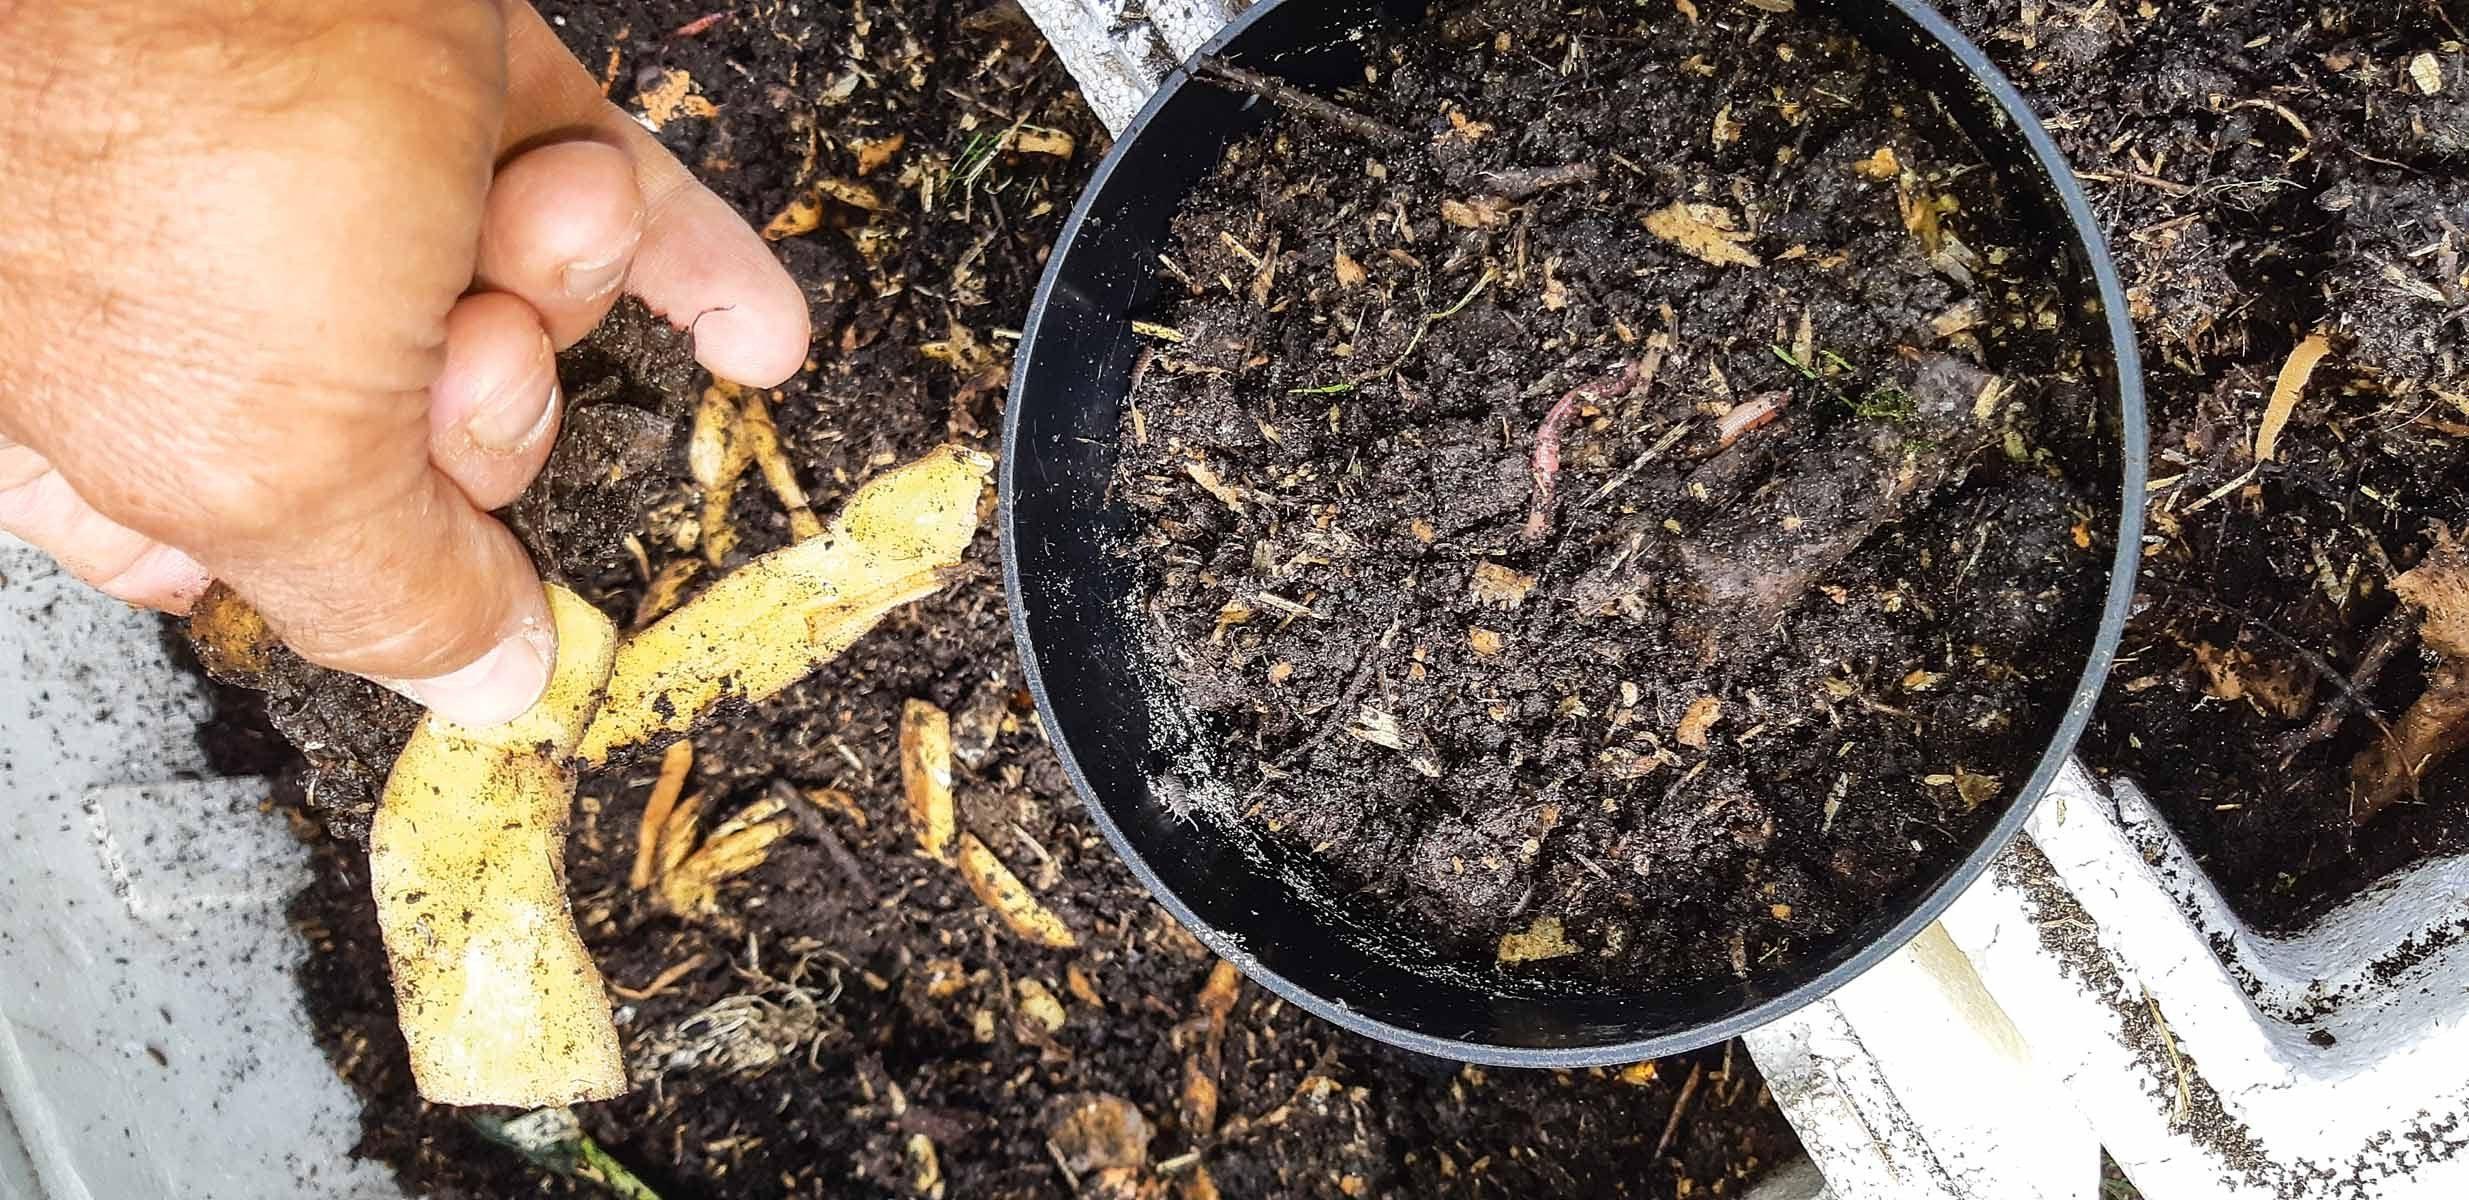 Eine Ladung Wurmsubstrat mit Würmern wird entnommen. Grobe Teile sortiert man aus. Foto: T. Pruß